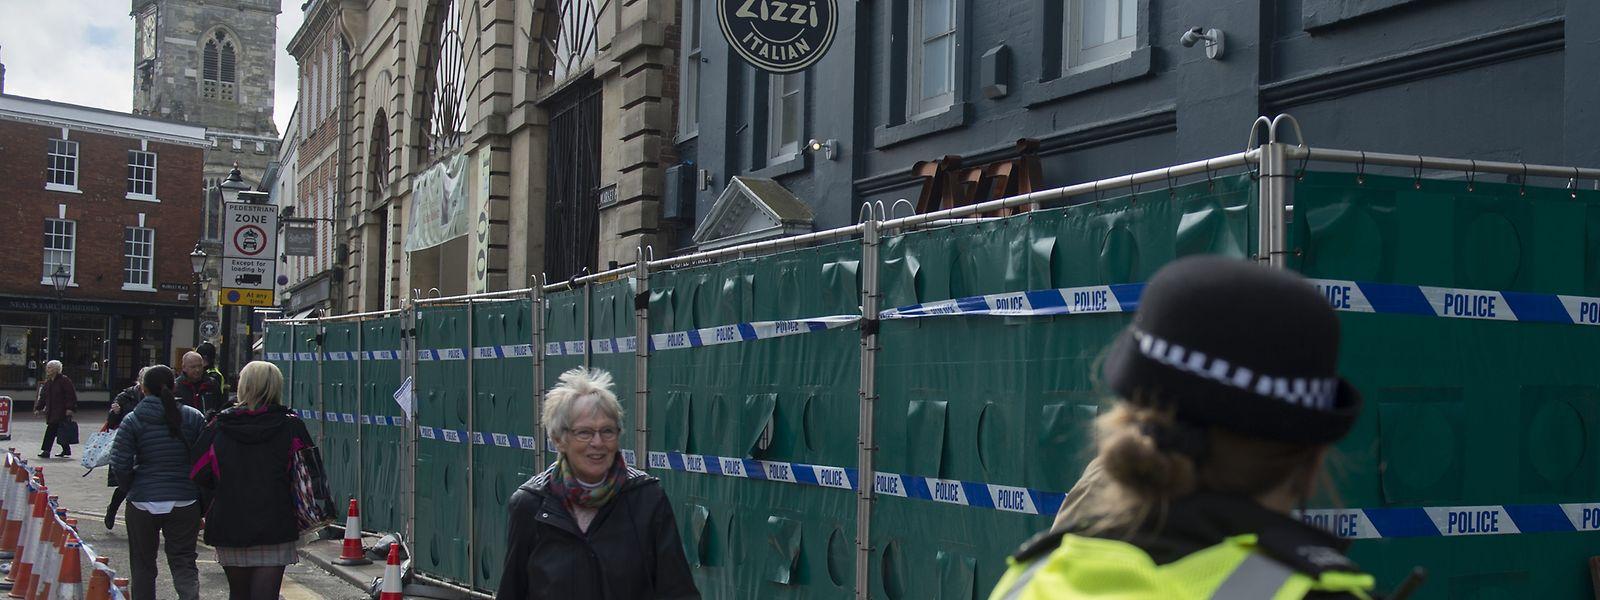 """Menschen gehen an dem Restaurant """"Zizzi"""", das nach dem Giftanschlag auf den russischen Ex-Doppelagenten Skripal von der Polizei geschlossen wurde, vorbei."""